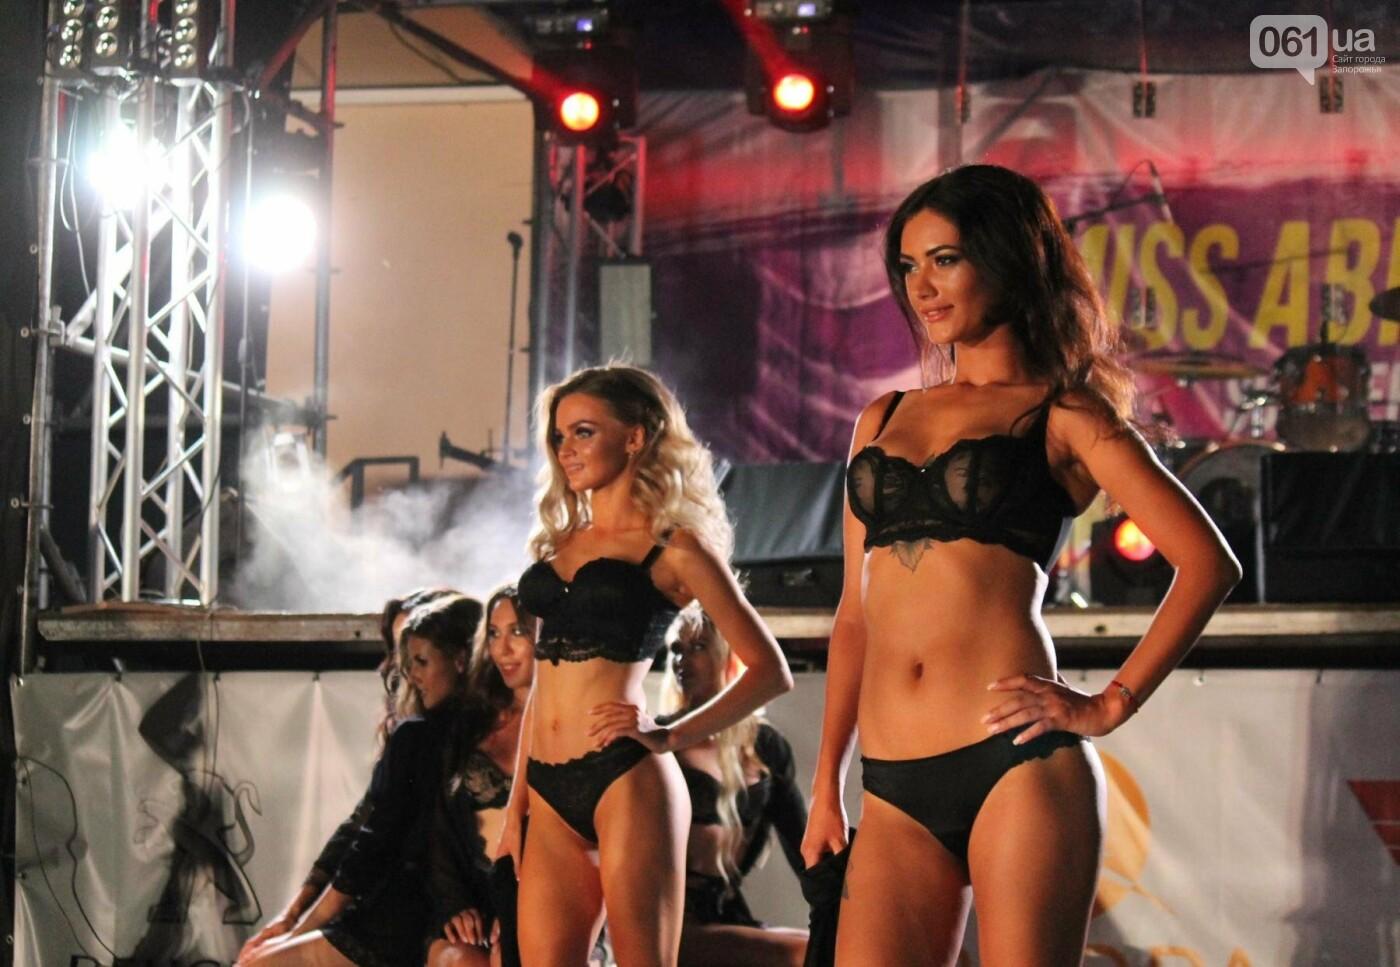 «Miss AVRORA Summer 2018»: в Запорожье на конкурсе красоты выбрали самую красивую девушку, – ФОТОРЕПОРТАЖ, фото-21